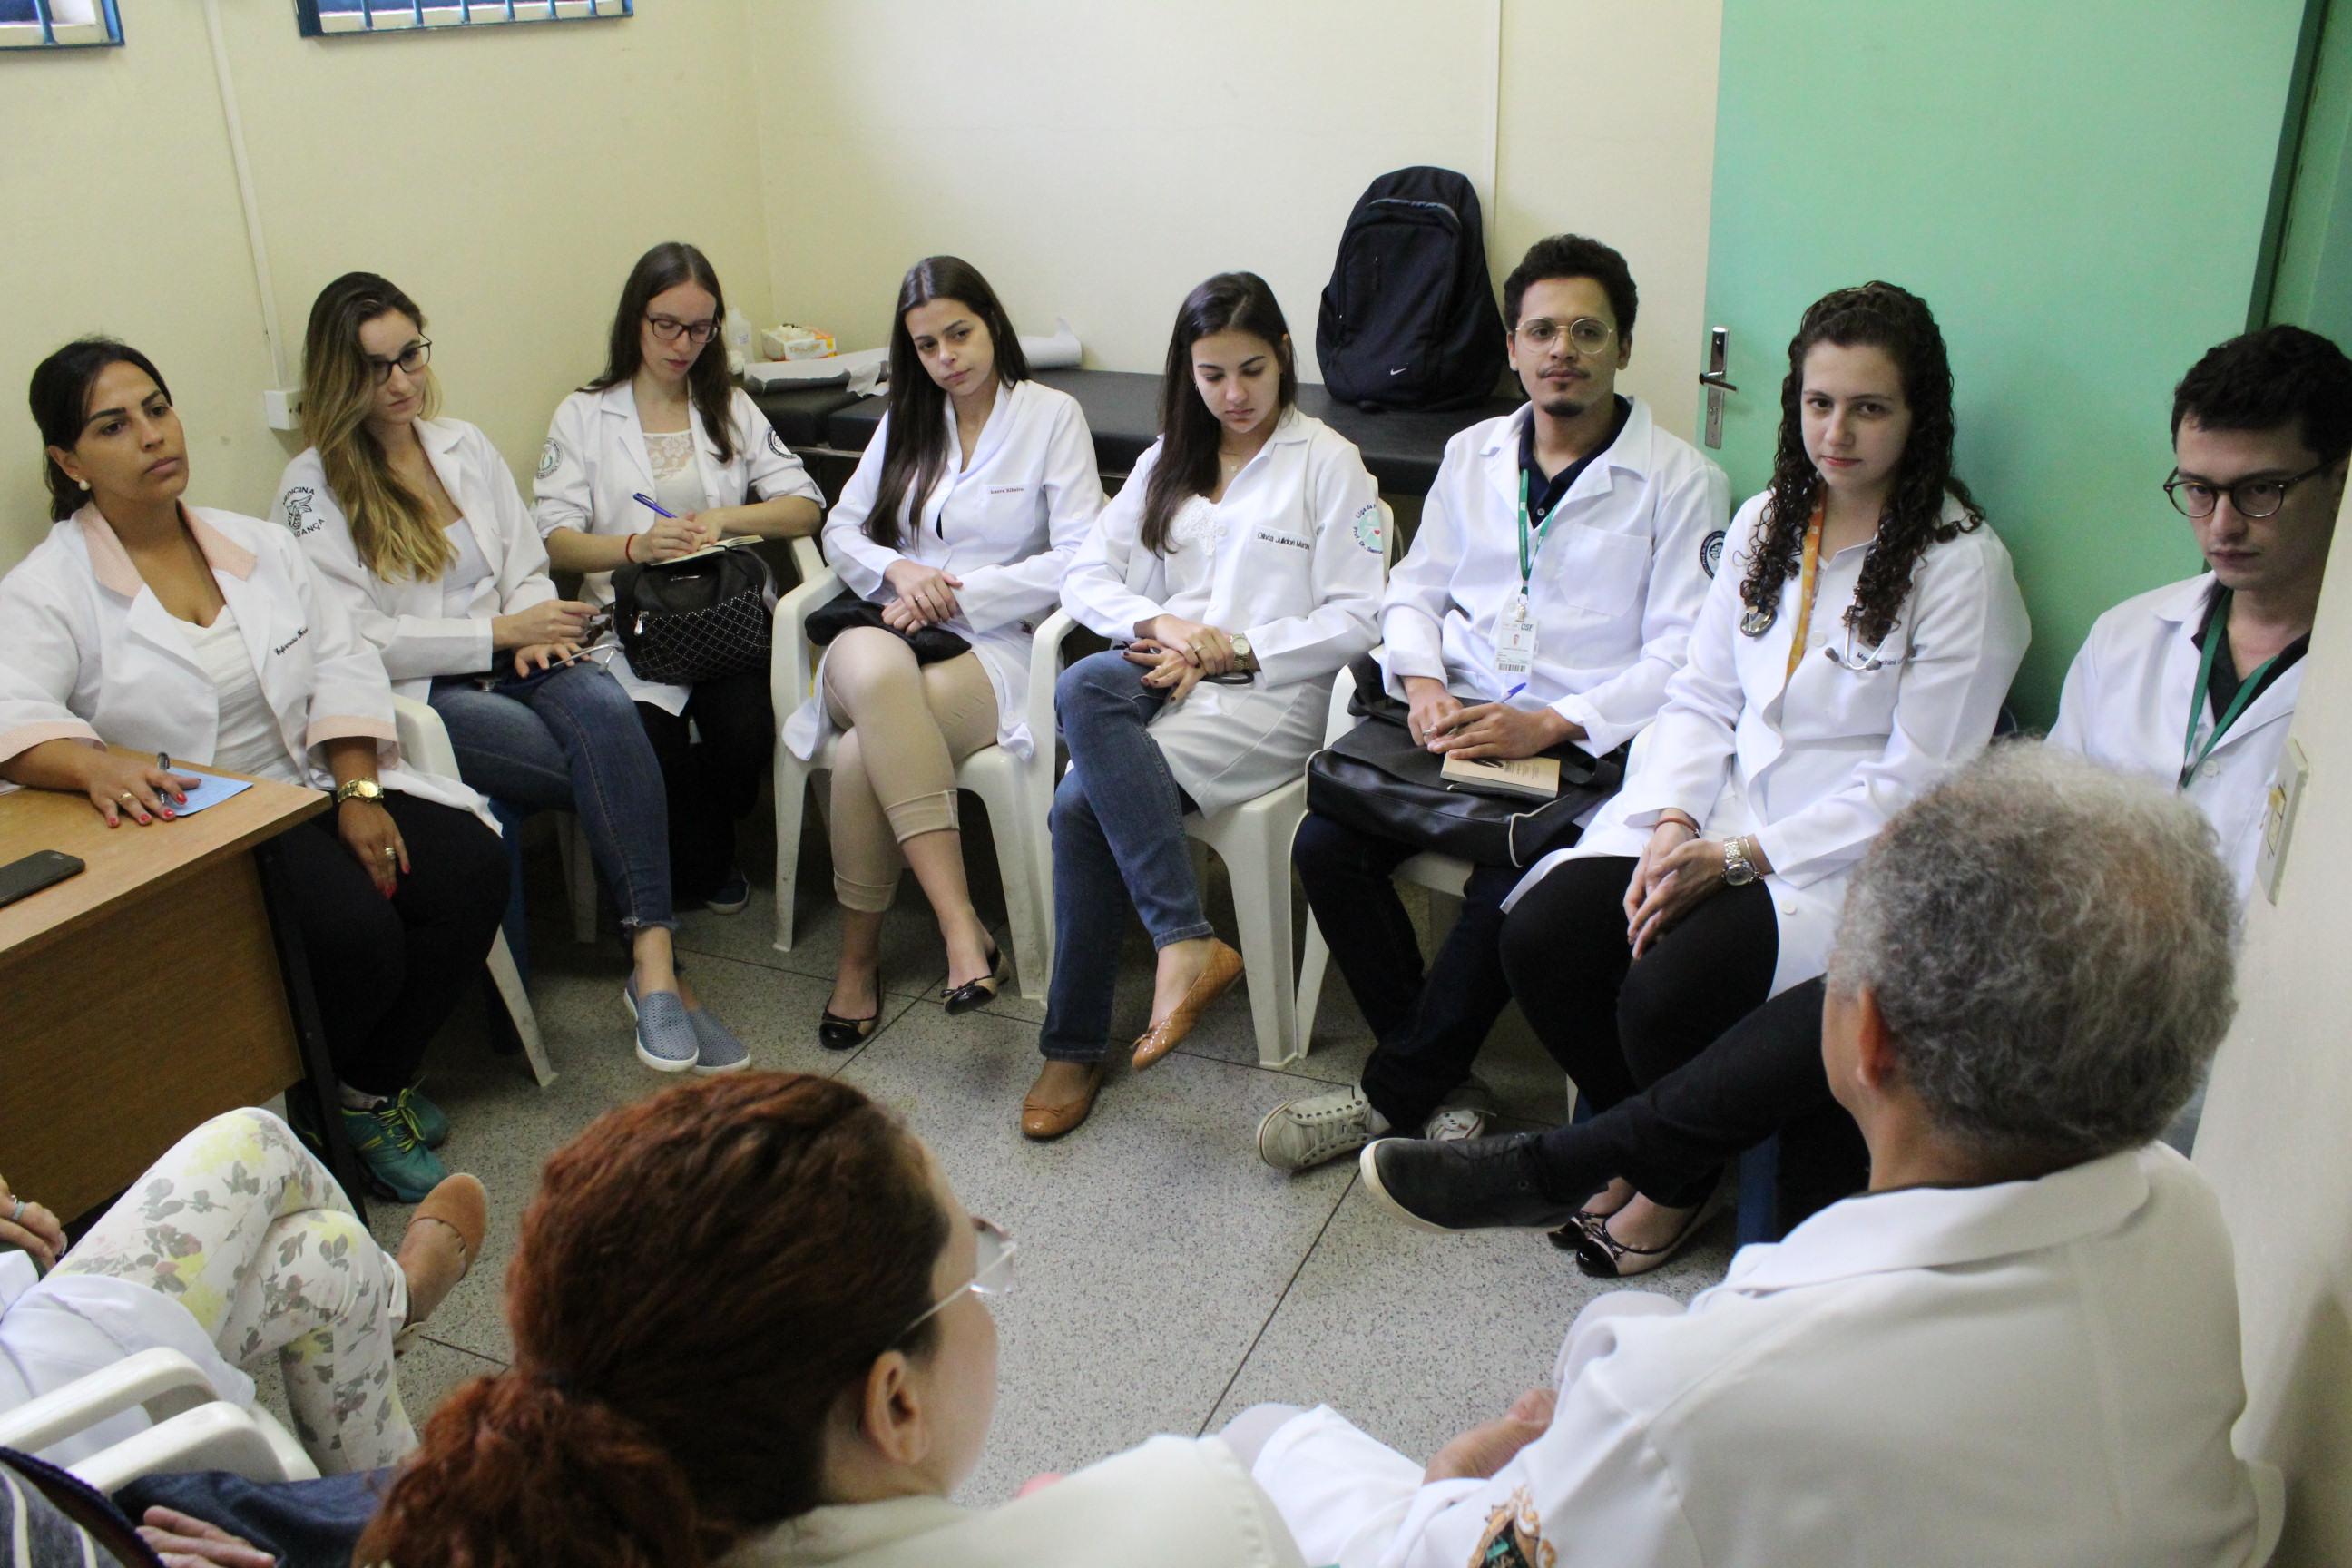 Foto_1_03-09-18_Apoio_Matriciamento_Planejada_II